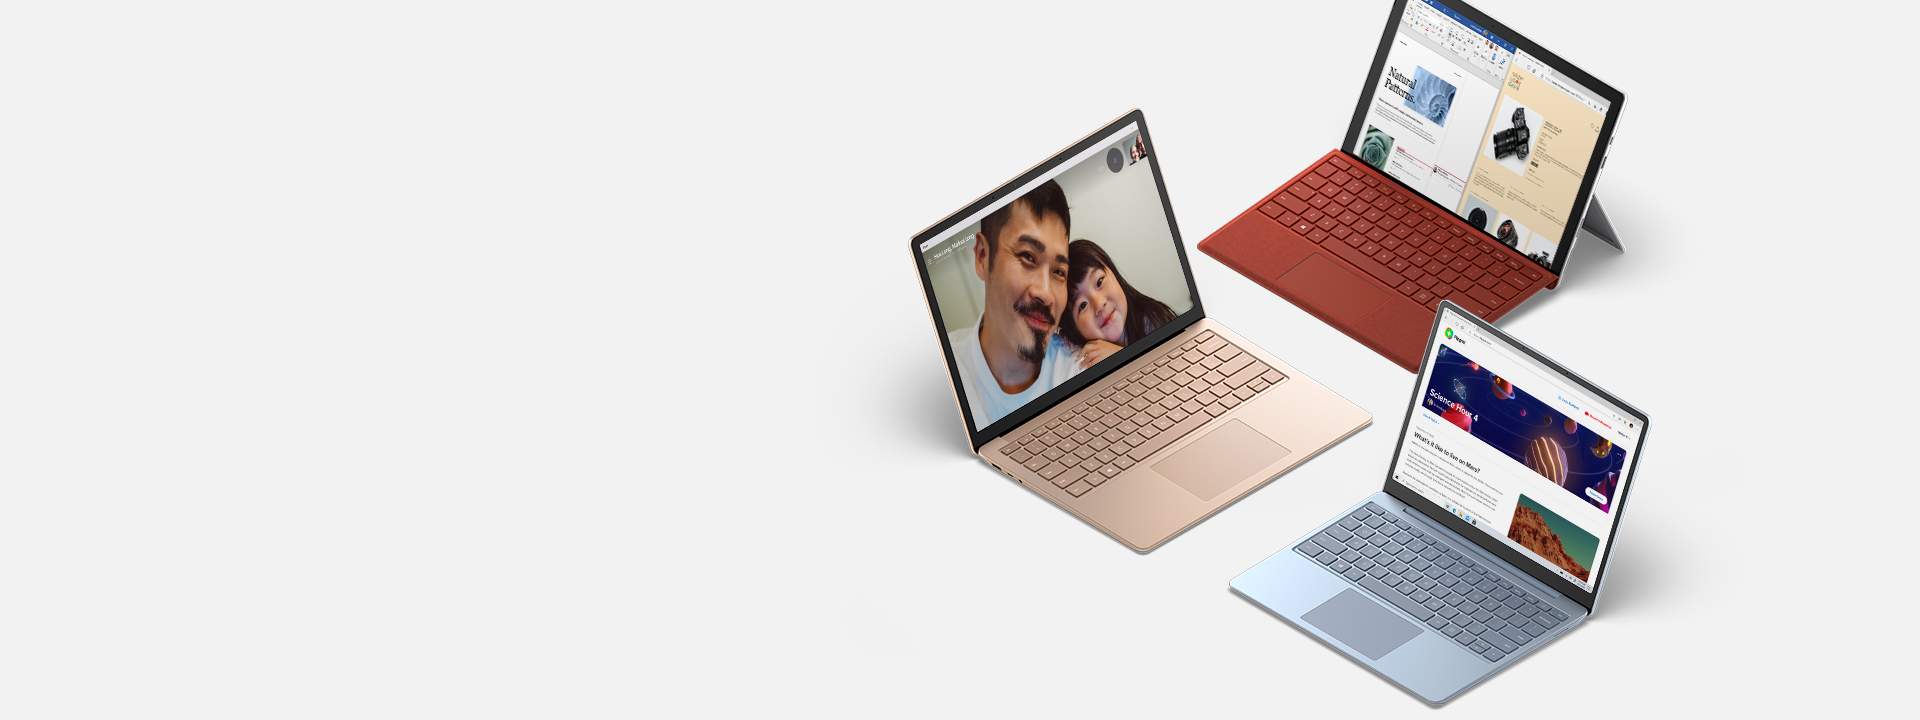 Surface Laptop, Surface Laptop Go und Surface Pro 7 mit verschiedenen Apps auf den Bildschirmen